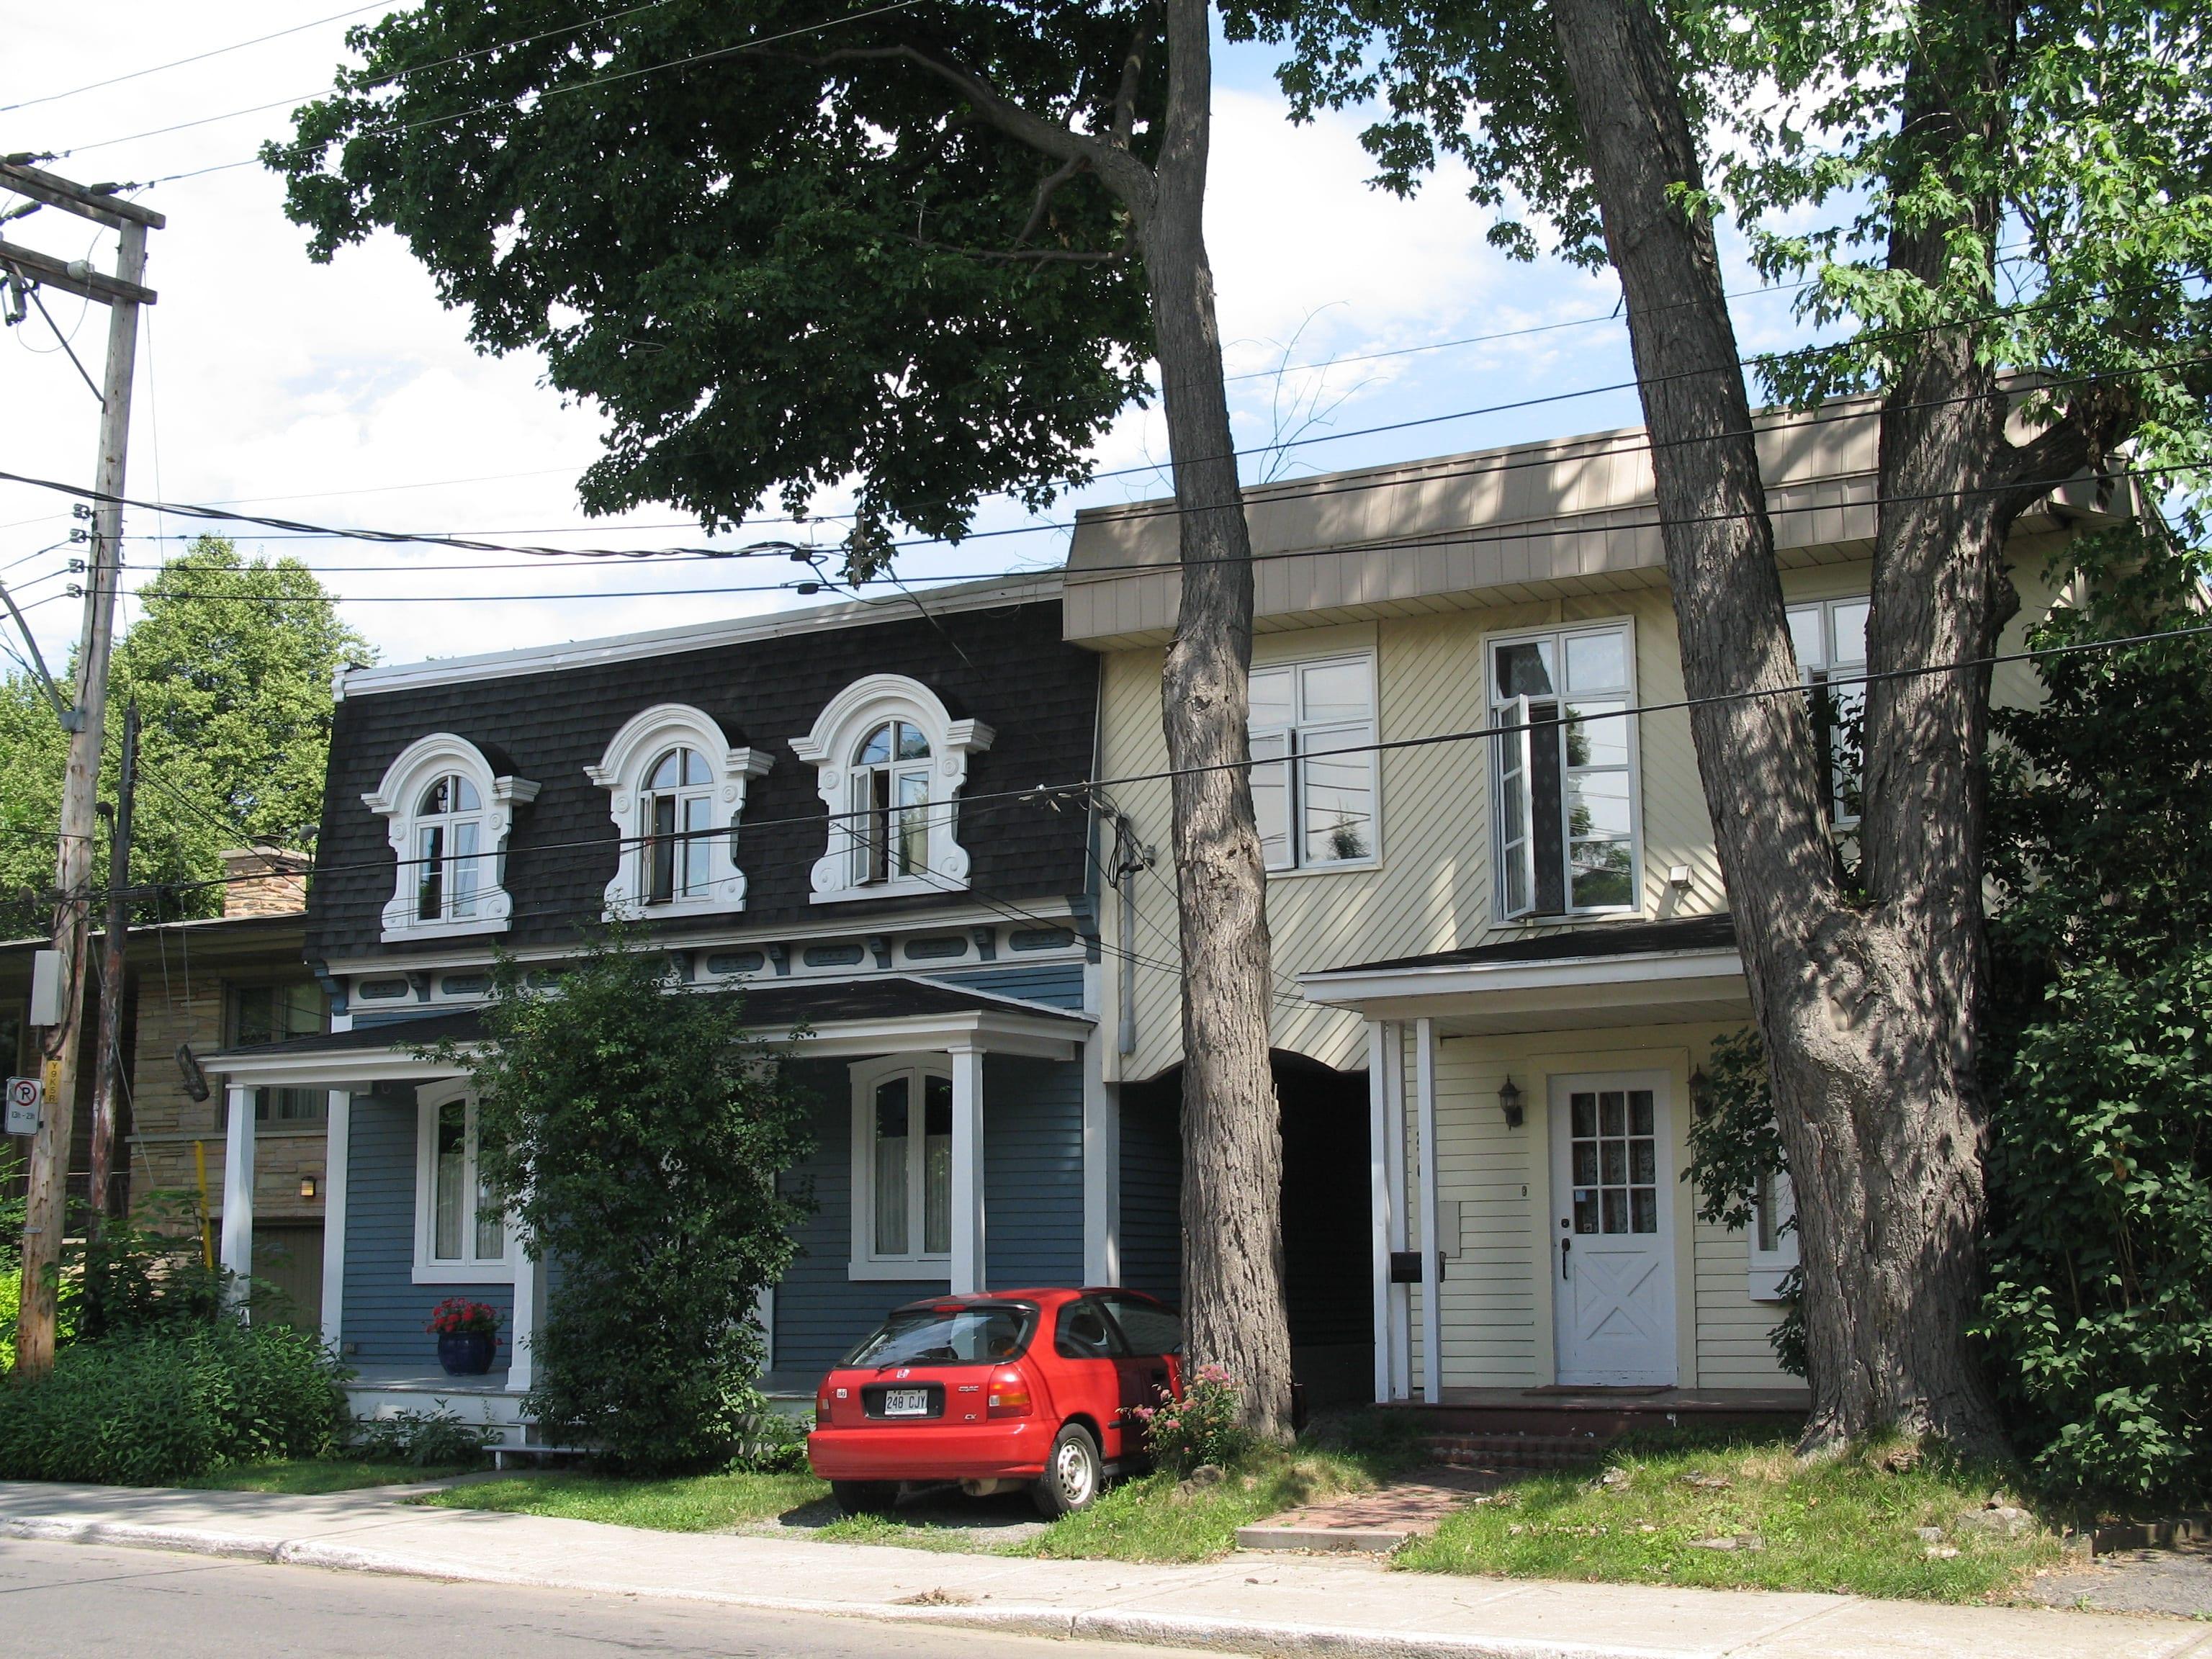 photo de résidences situées avenue somerville